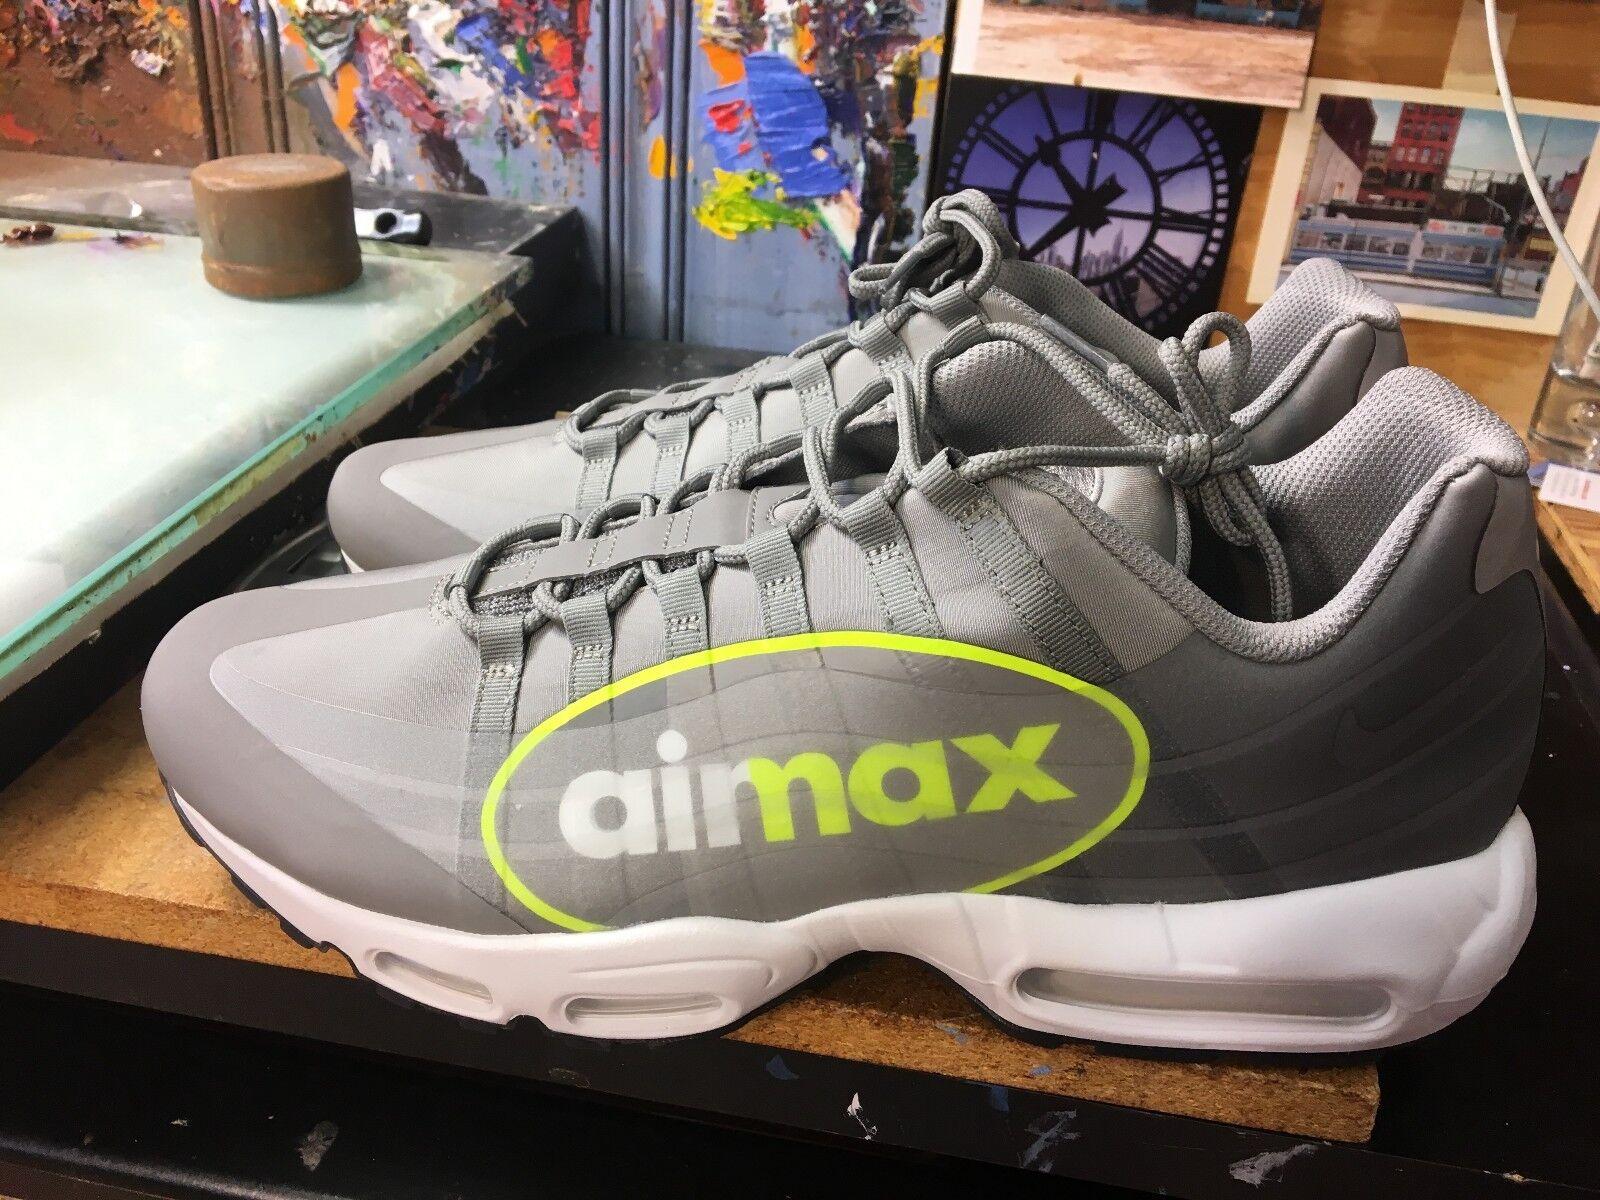 Nike air max 95 volt ns gpx staub / volt 95 dunkel mit großen logo größe 13 männer aj7183 001 614e1c